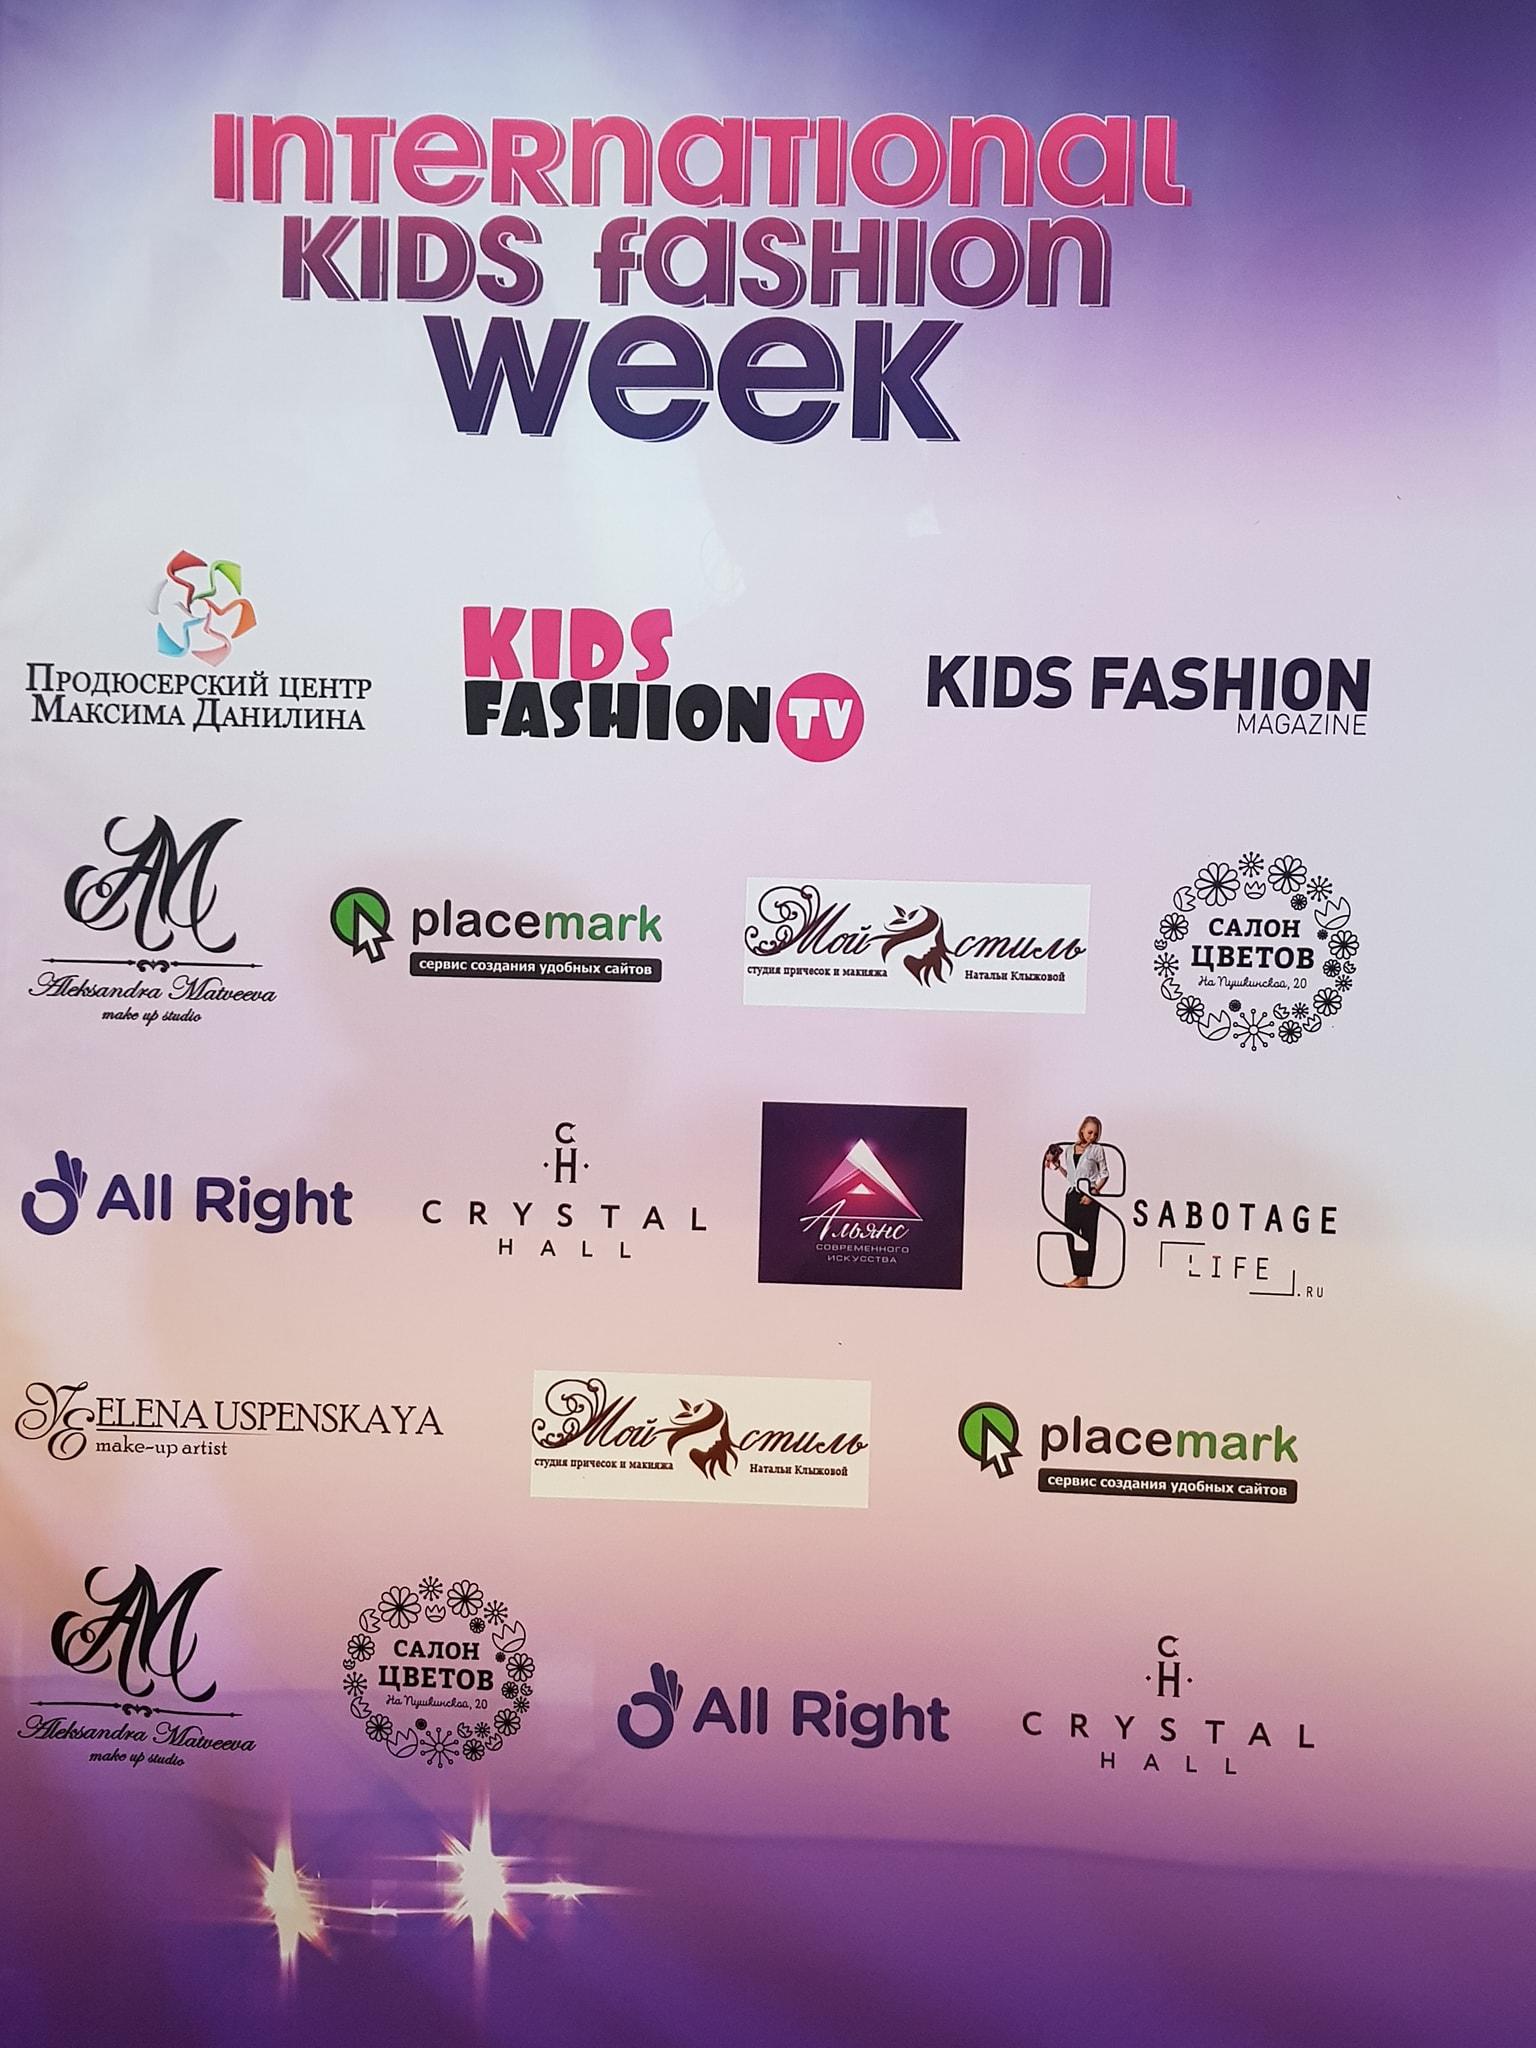 International Kids Fashion Week - Sankt Petersburg